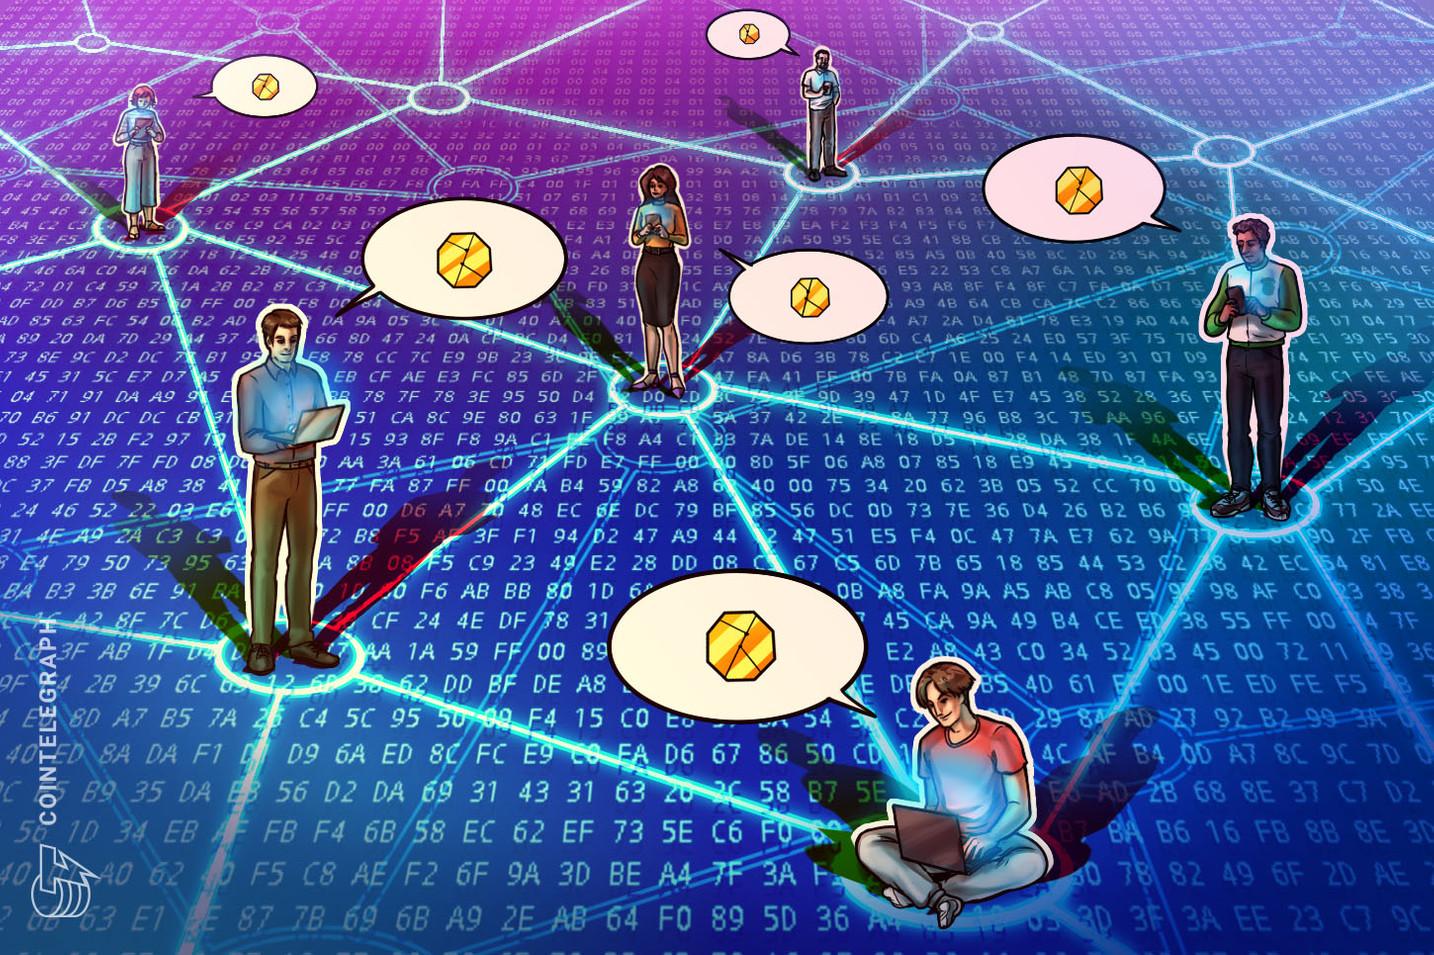 Ren lanza RenVM, facilitando el uso de Bitcoin, Bitcoin Cash y Zcash como tokens para el ecosistema Ethereum